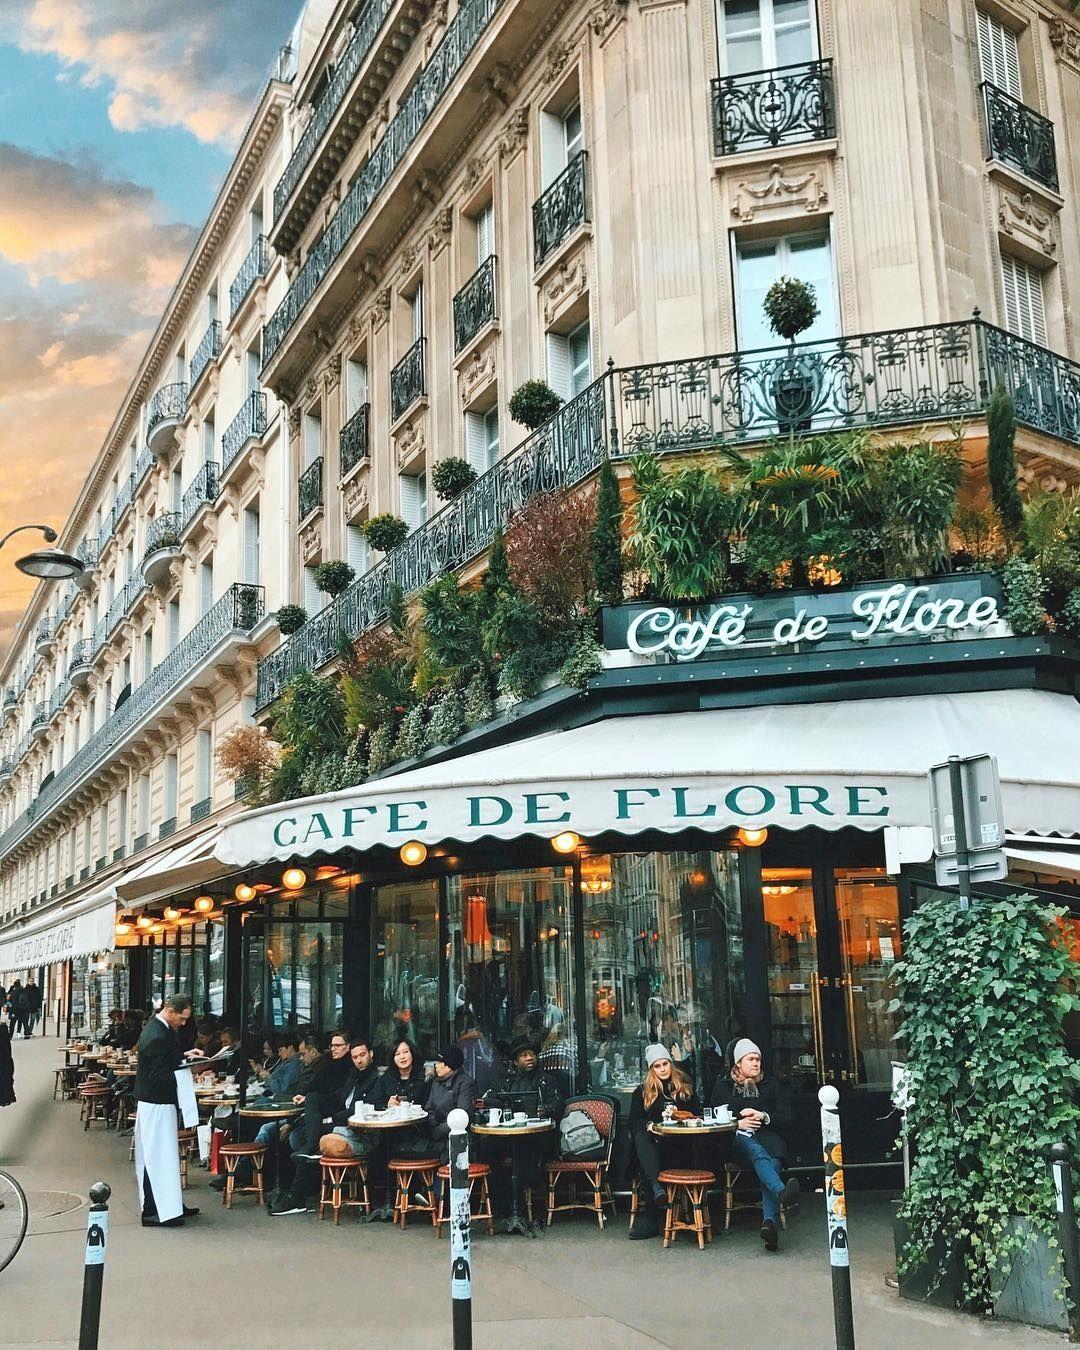 SIAMO ANDATI A FARE COLAZIONE AL CAFE' DE FLORE A PARIGI, BOULEVARD  SAINT-GERMAIN 17 — UNA LUNGA COLAZIONE — | Nel delirio non ero mai sola